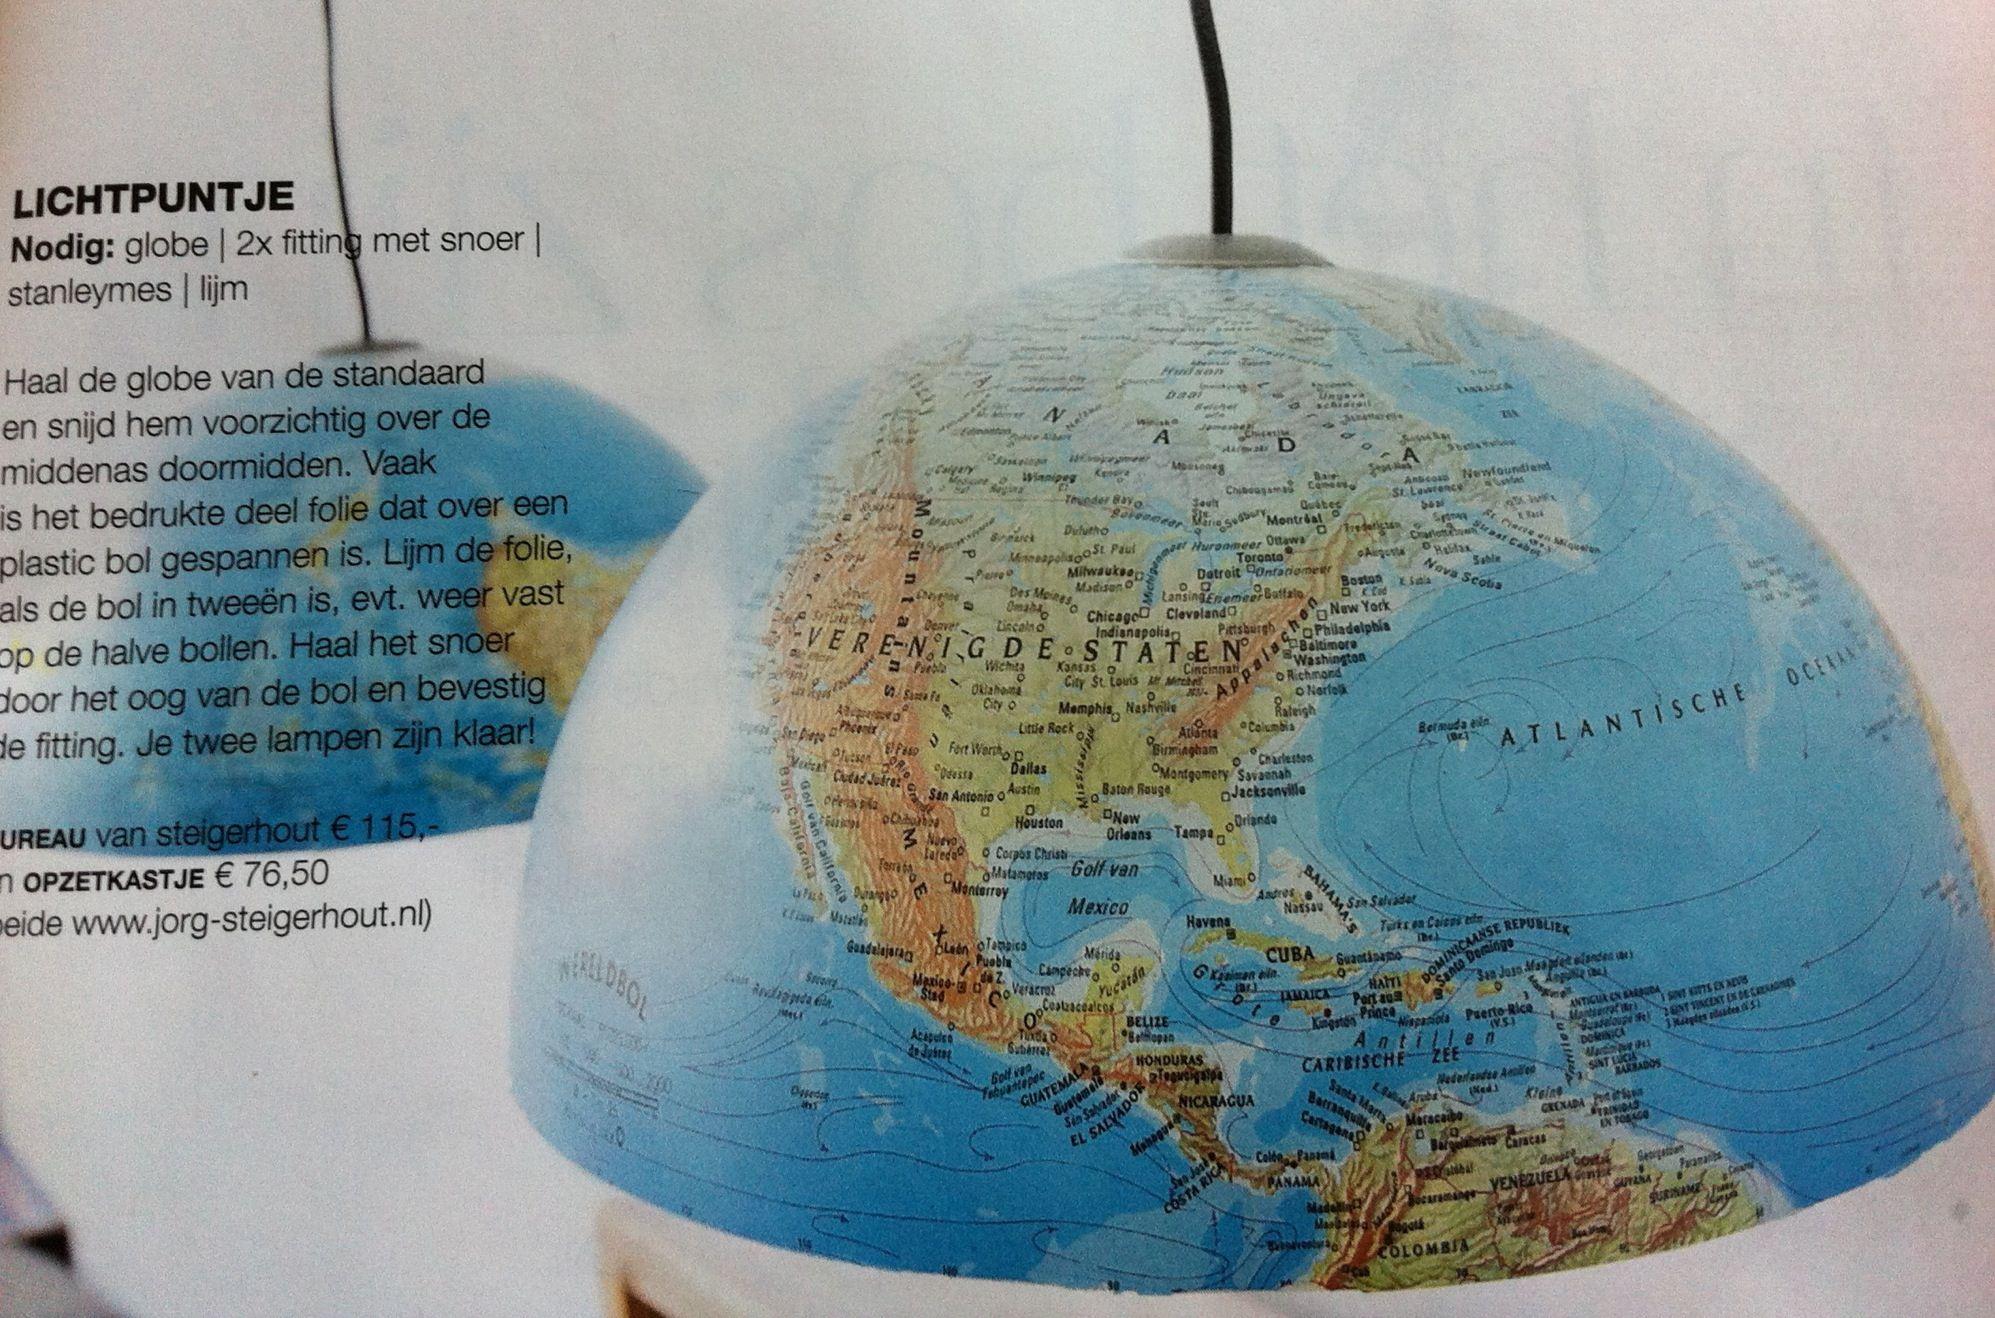 Slaapkamer Lamp Kind : Stoer voor de jongenskamer hanglampen gemaakt van een globe uit